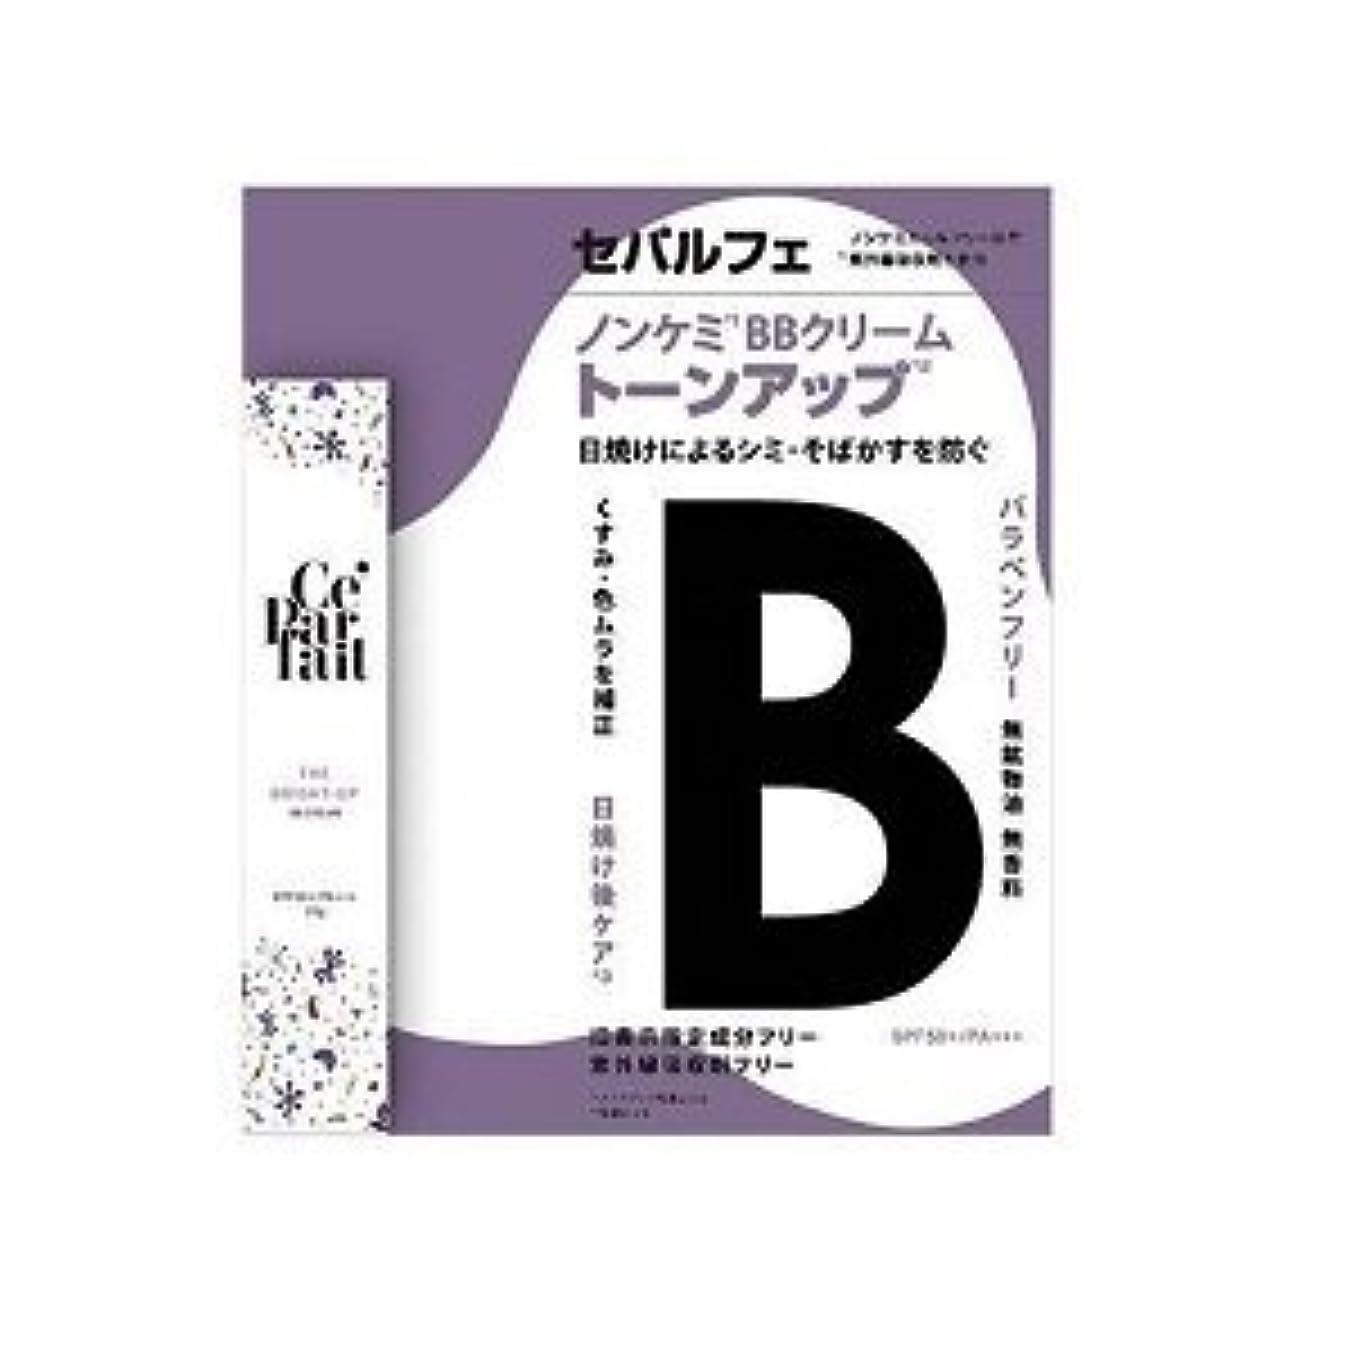 粘土旅評議会セパルフェ ザ ブライトアップ BBクリーム 20g